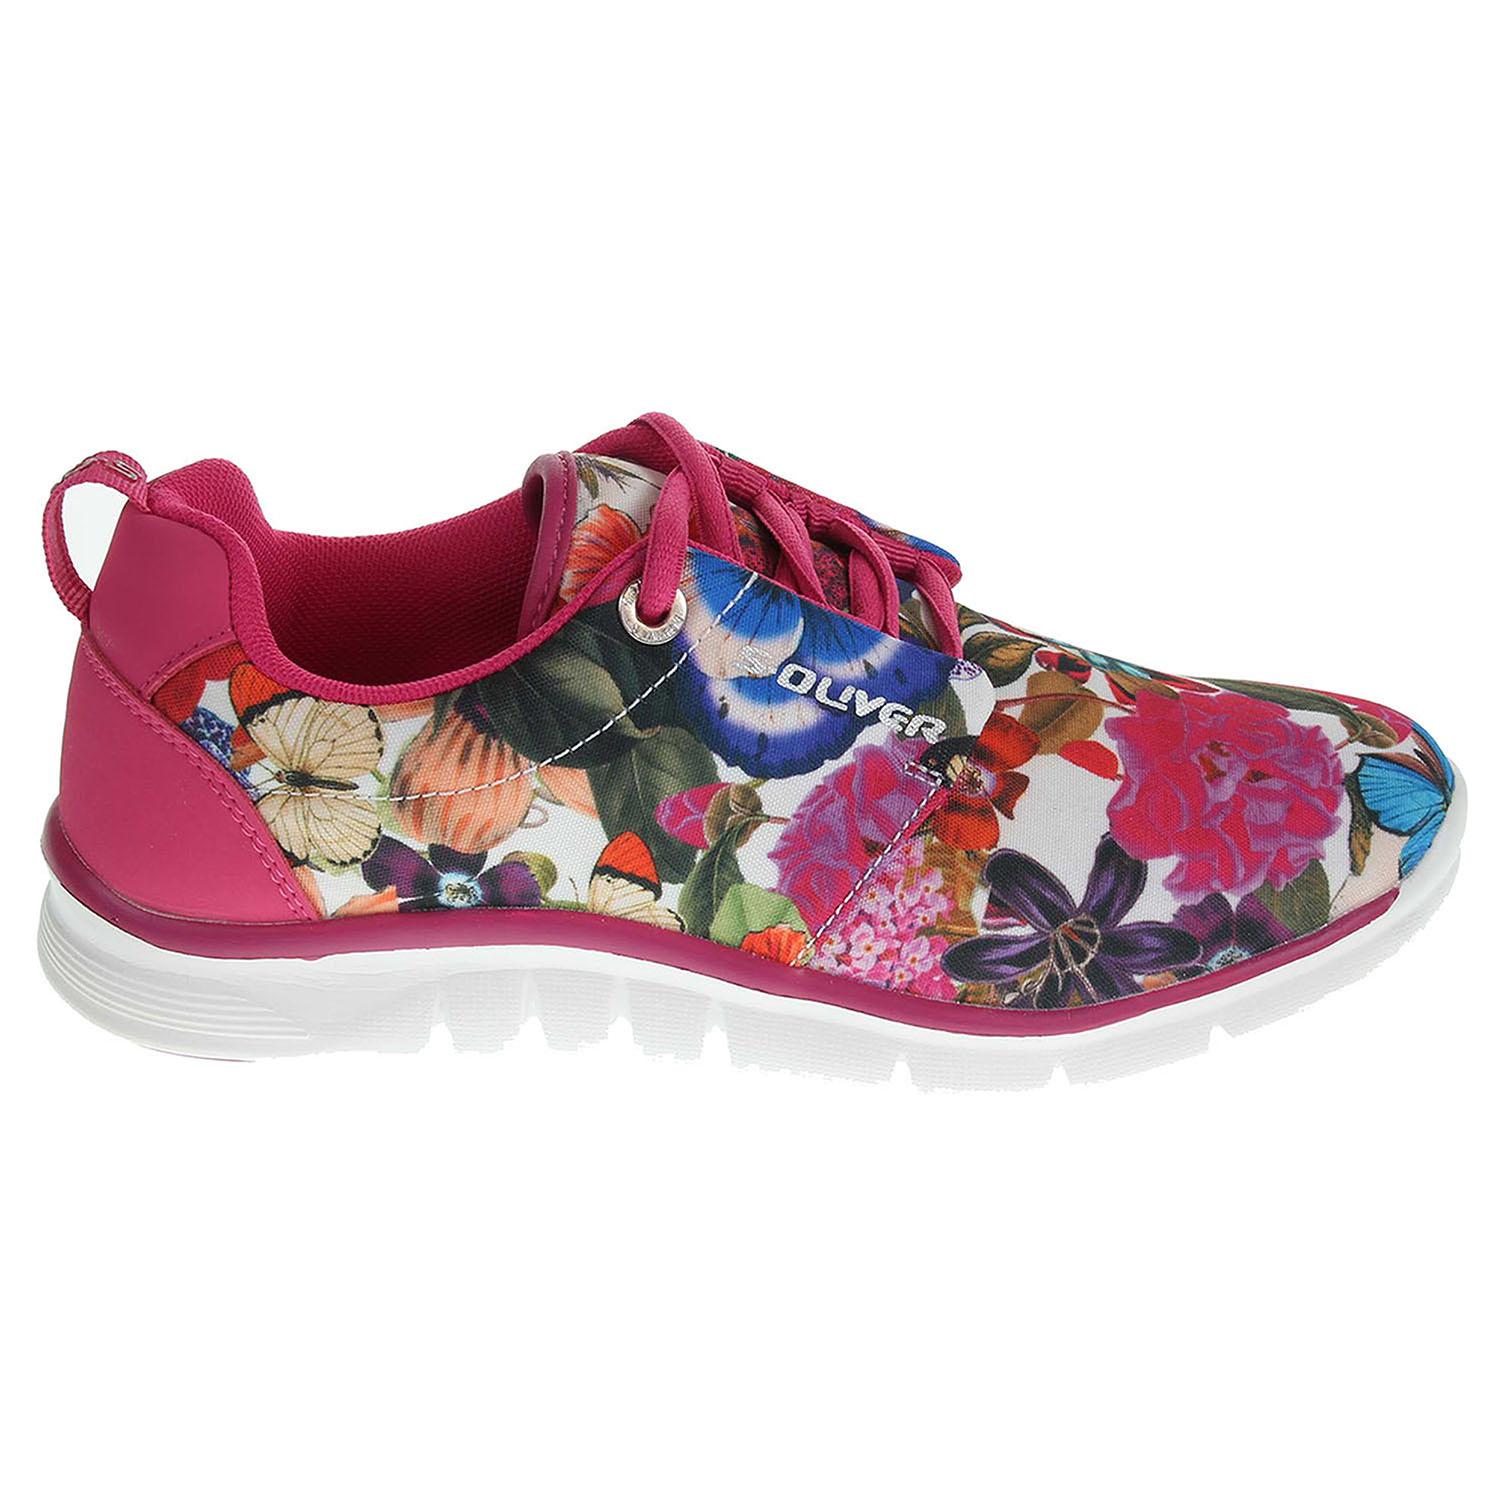 s.Oliver dámská obuv 5-23616-34 růžová 38